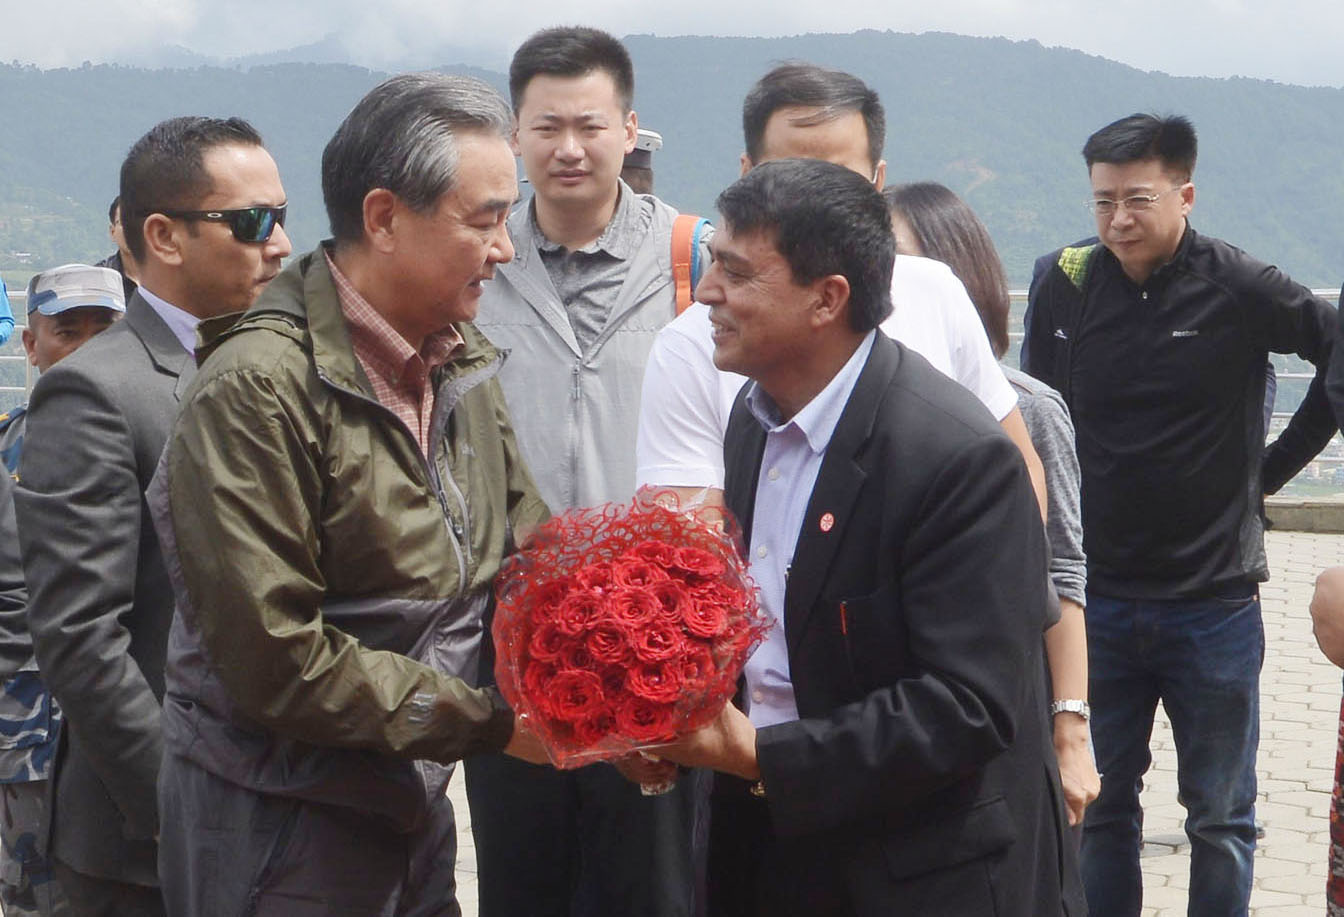 नेपाल भ्रमणमा रहेका चिनियाँ विदेशमन्त्री वाङ यीलाई चन्द्रागिरिमा स्वागत गर्दै चन्द्रागिरि हिल्स लिमिटेडका अध्यक्ष चन्द्रप्रसाद ढकाल । तस्बिरः रासस